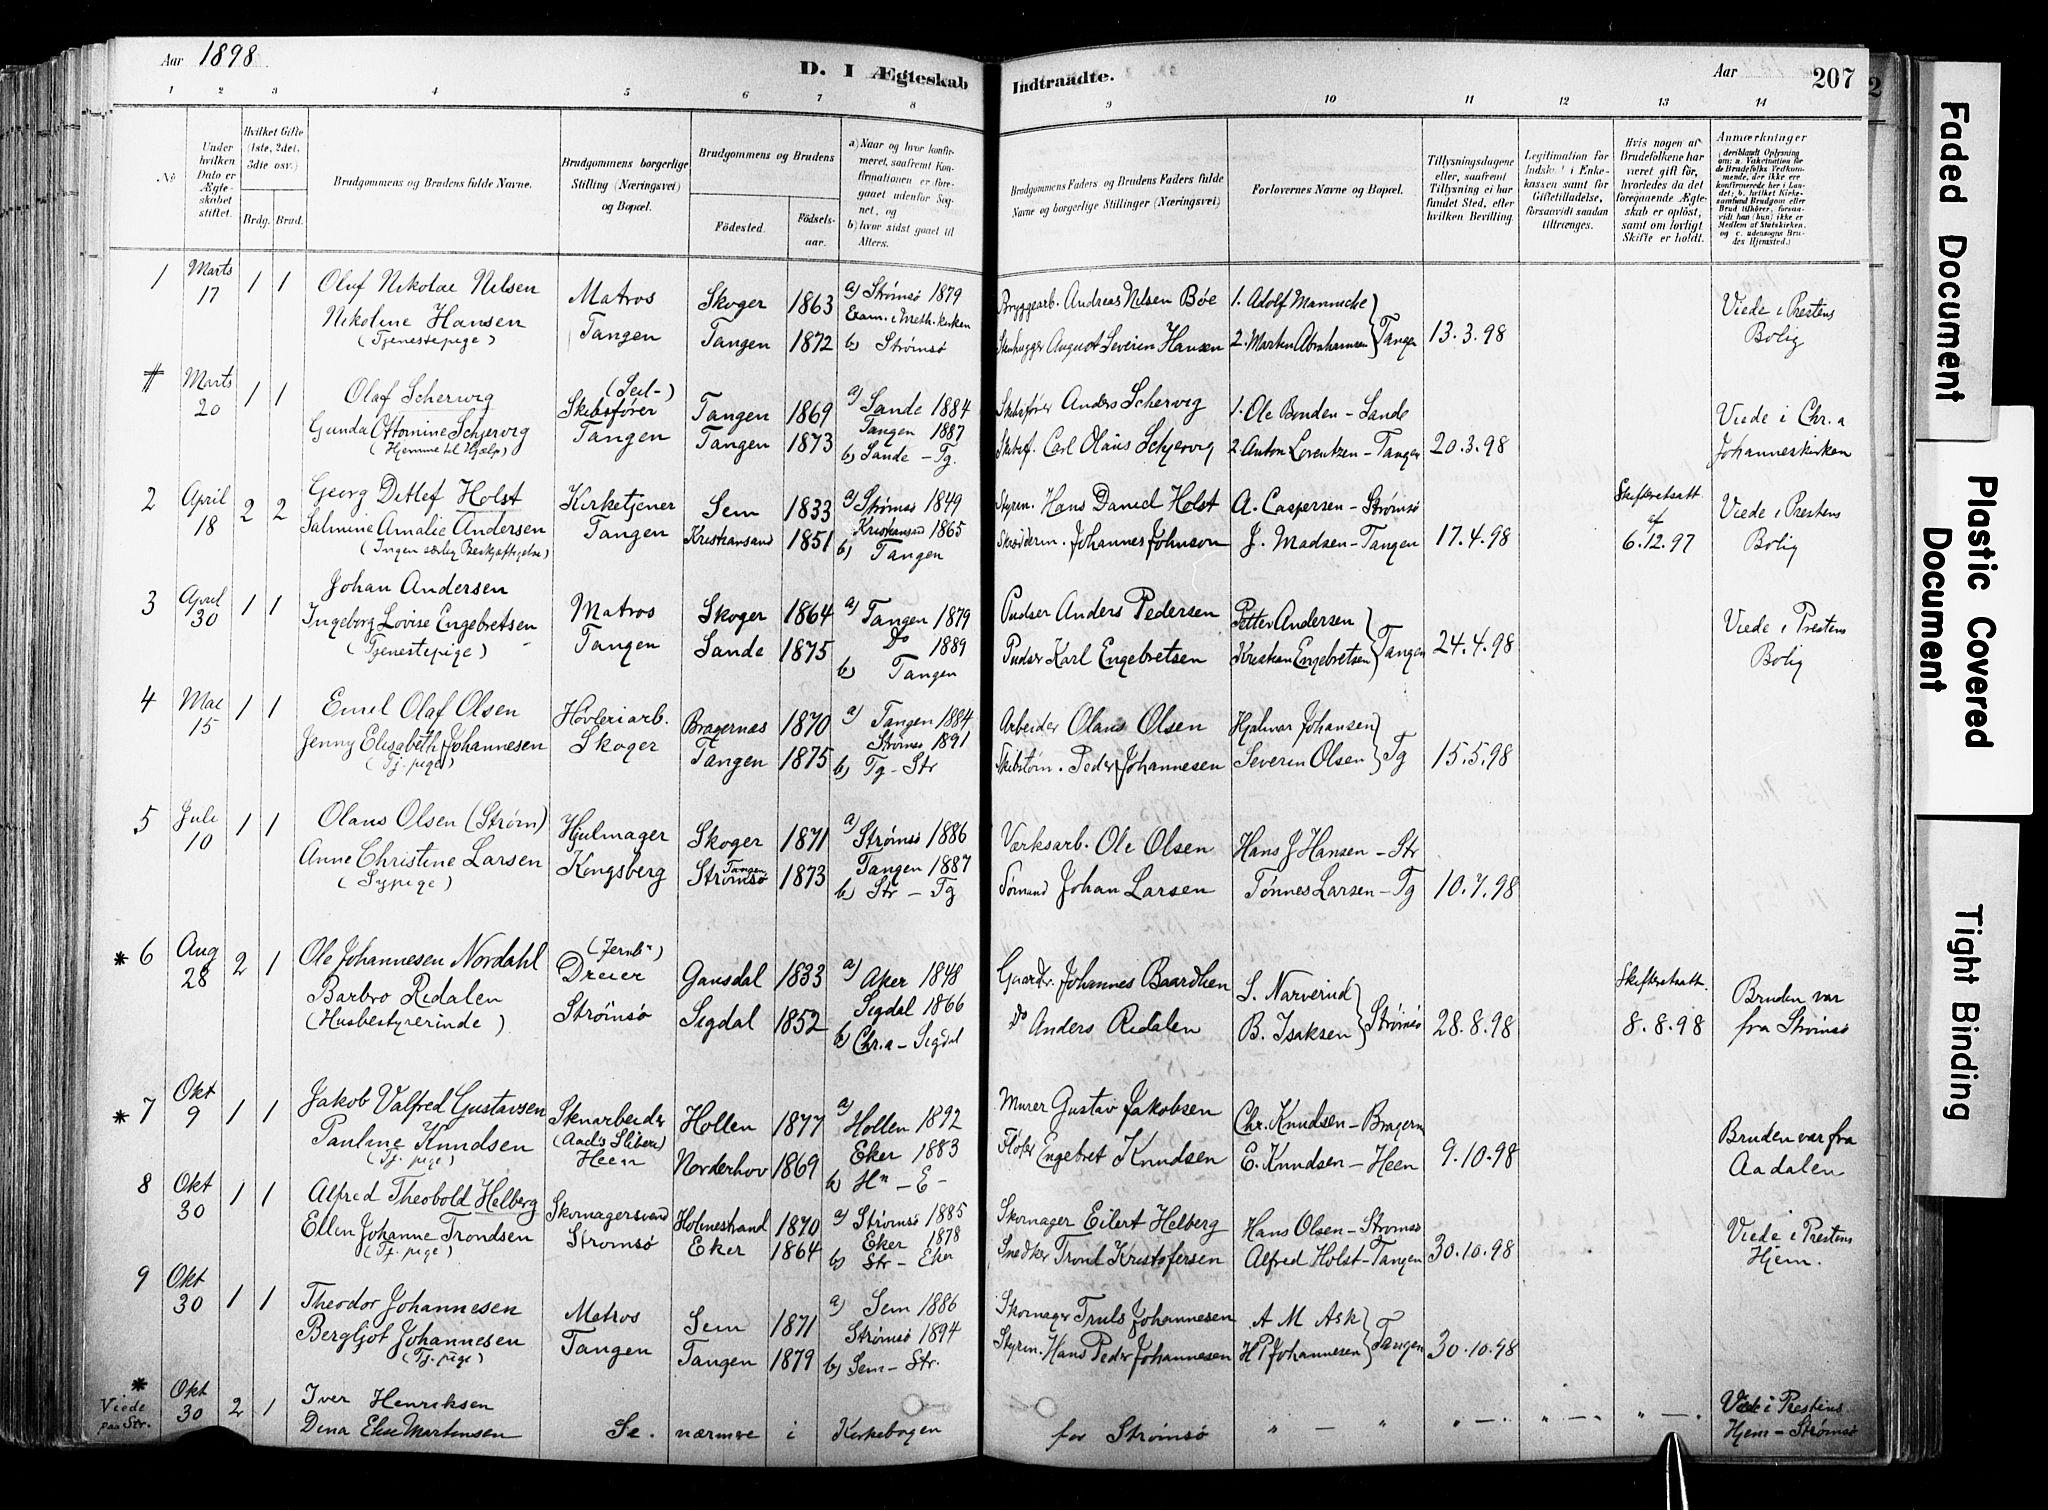 SAKO, Strømsø kirkebøker, F/Fb/L0006: Ministerialbok nr. II 6, 1879-1910, s. 207